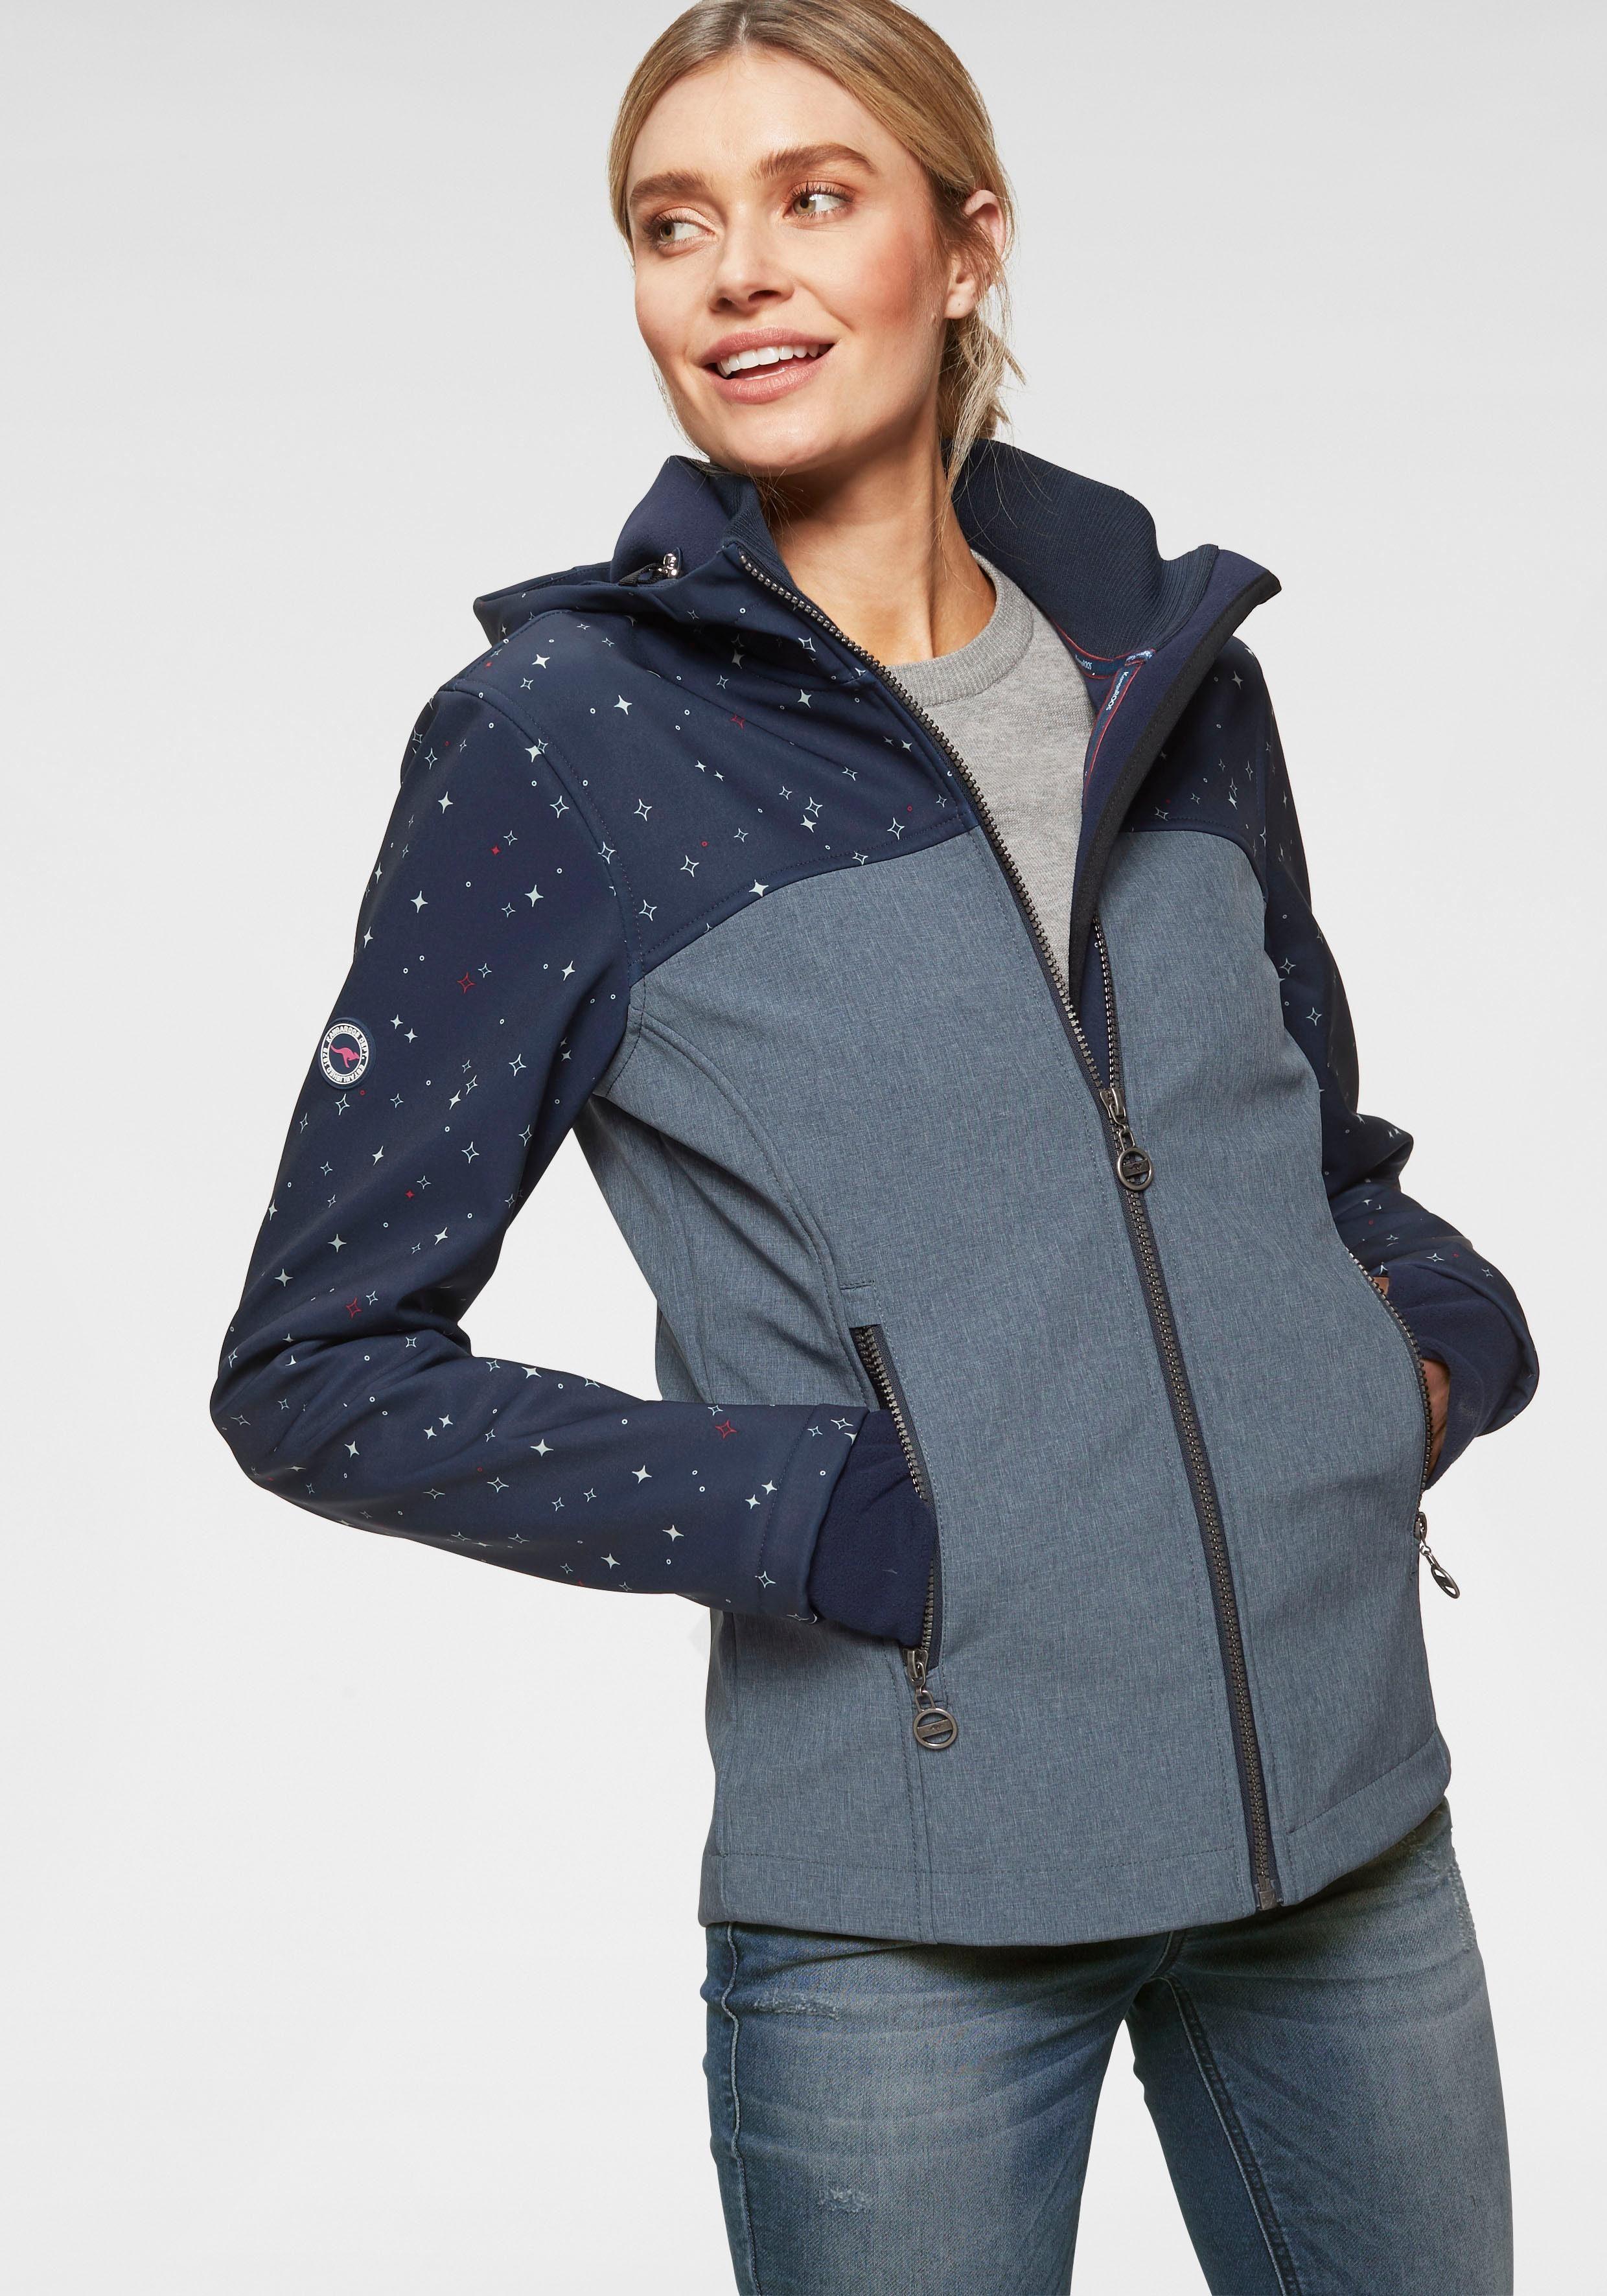 KangaROOS Softshelljacke im stylischen Kontrastdesign online kaufen | OTTO